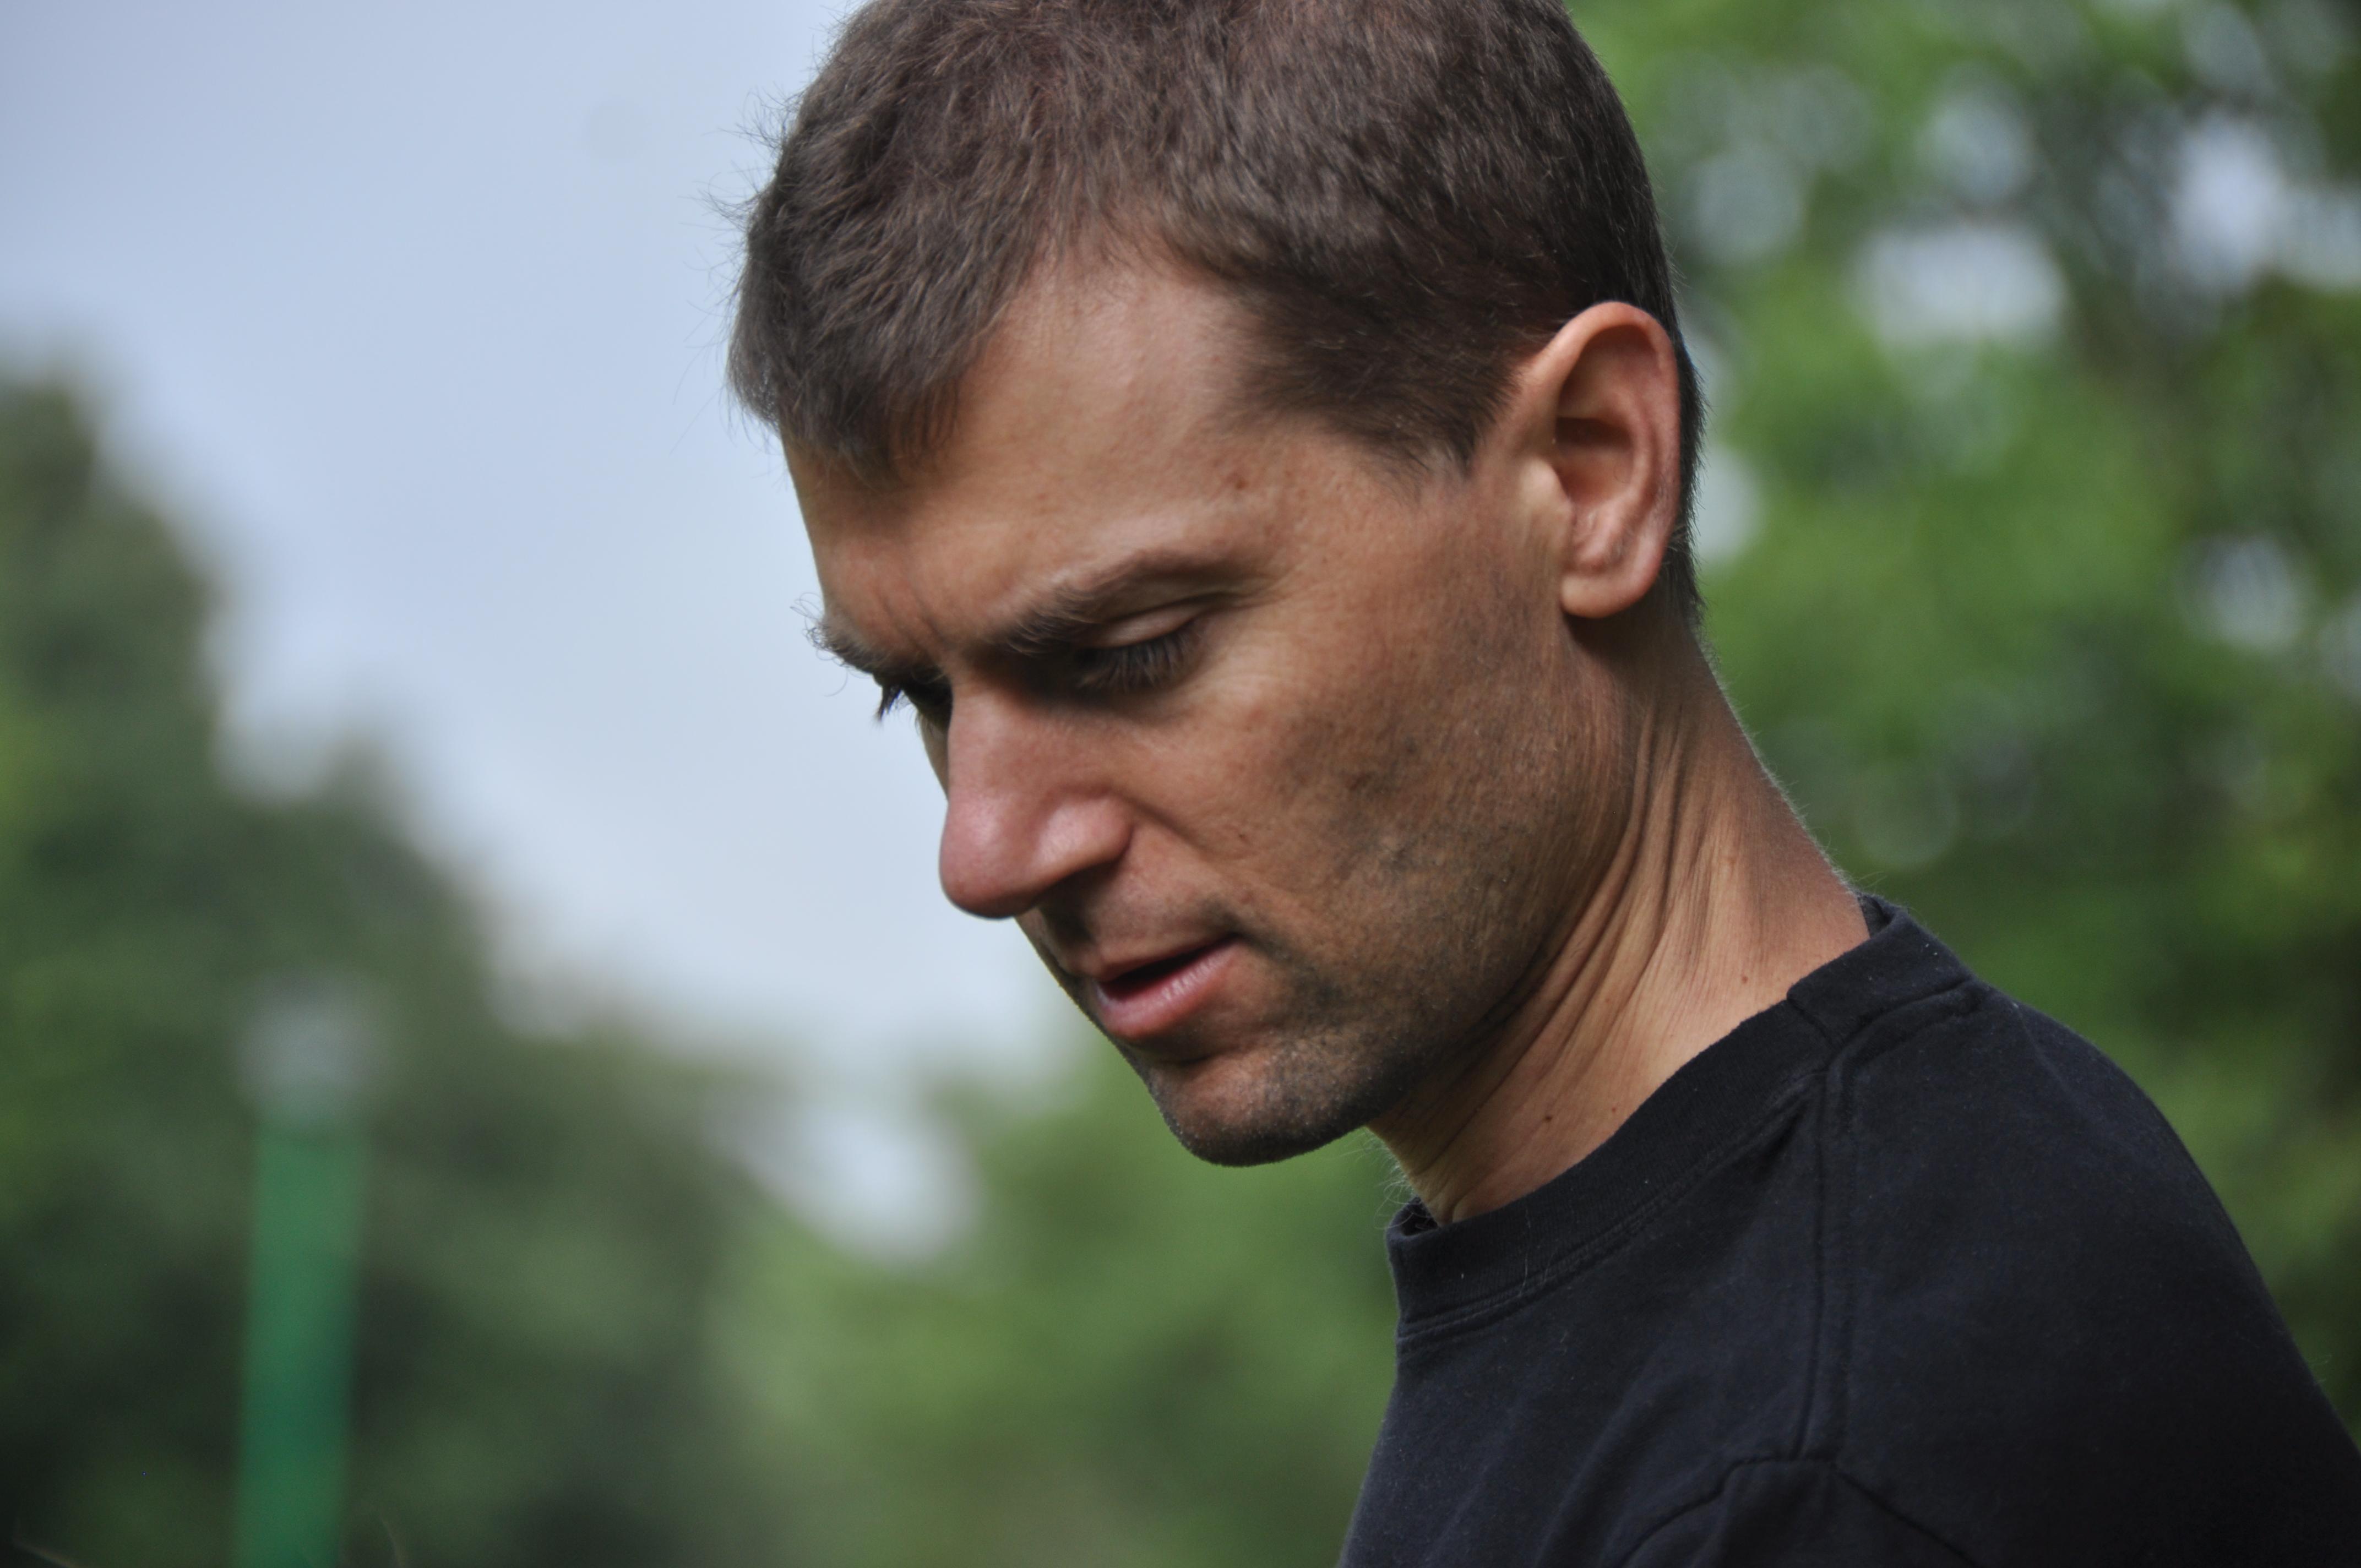 Marc Loon